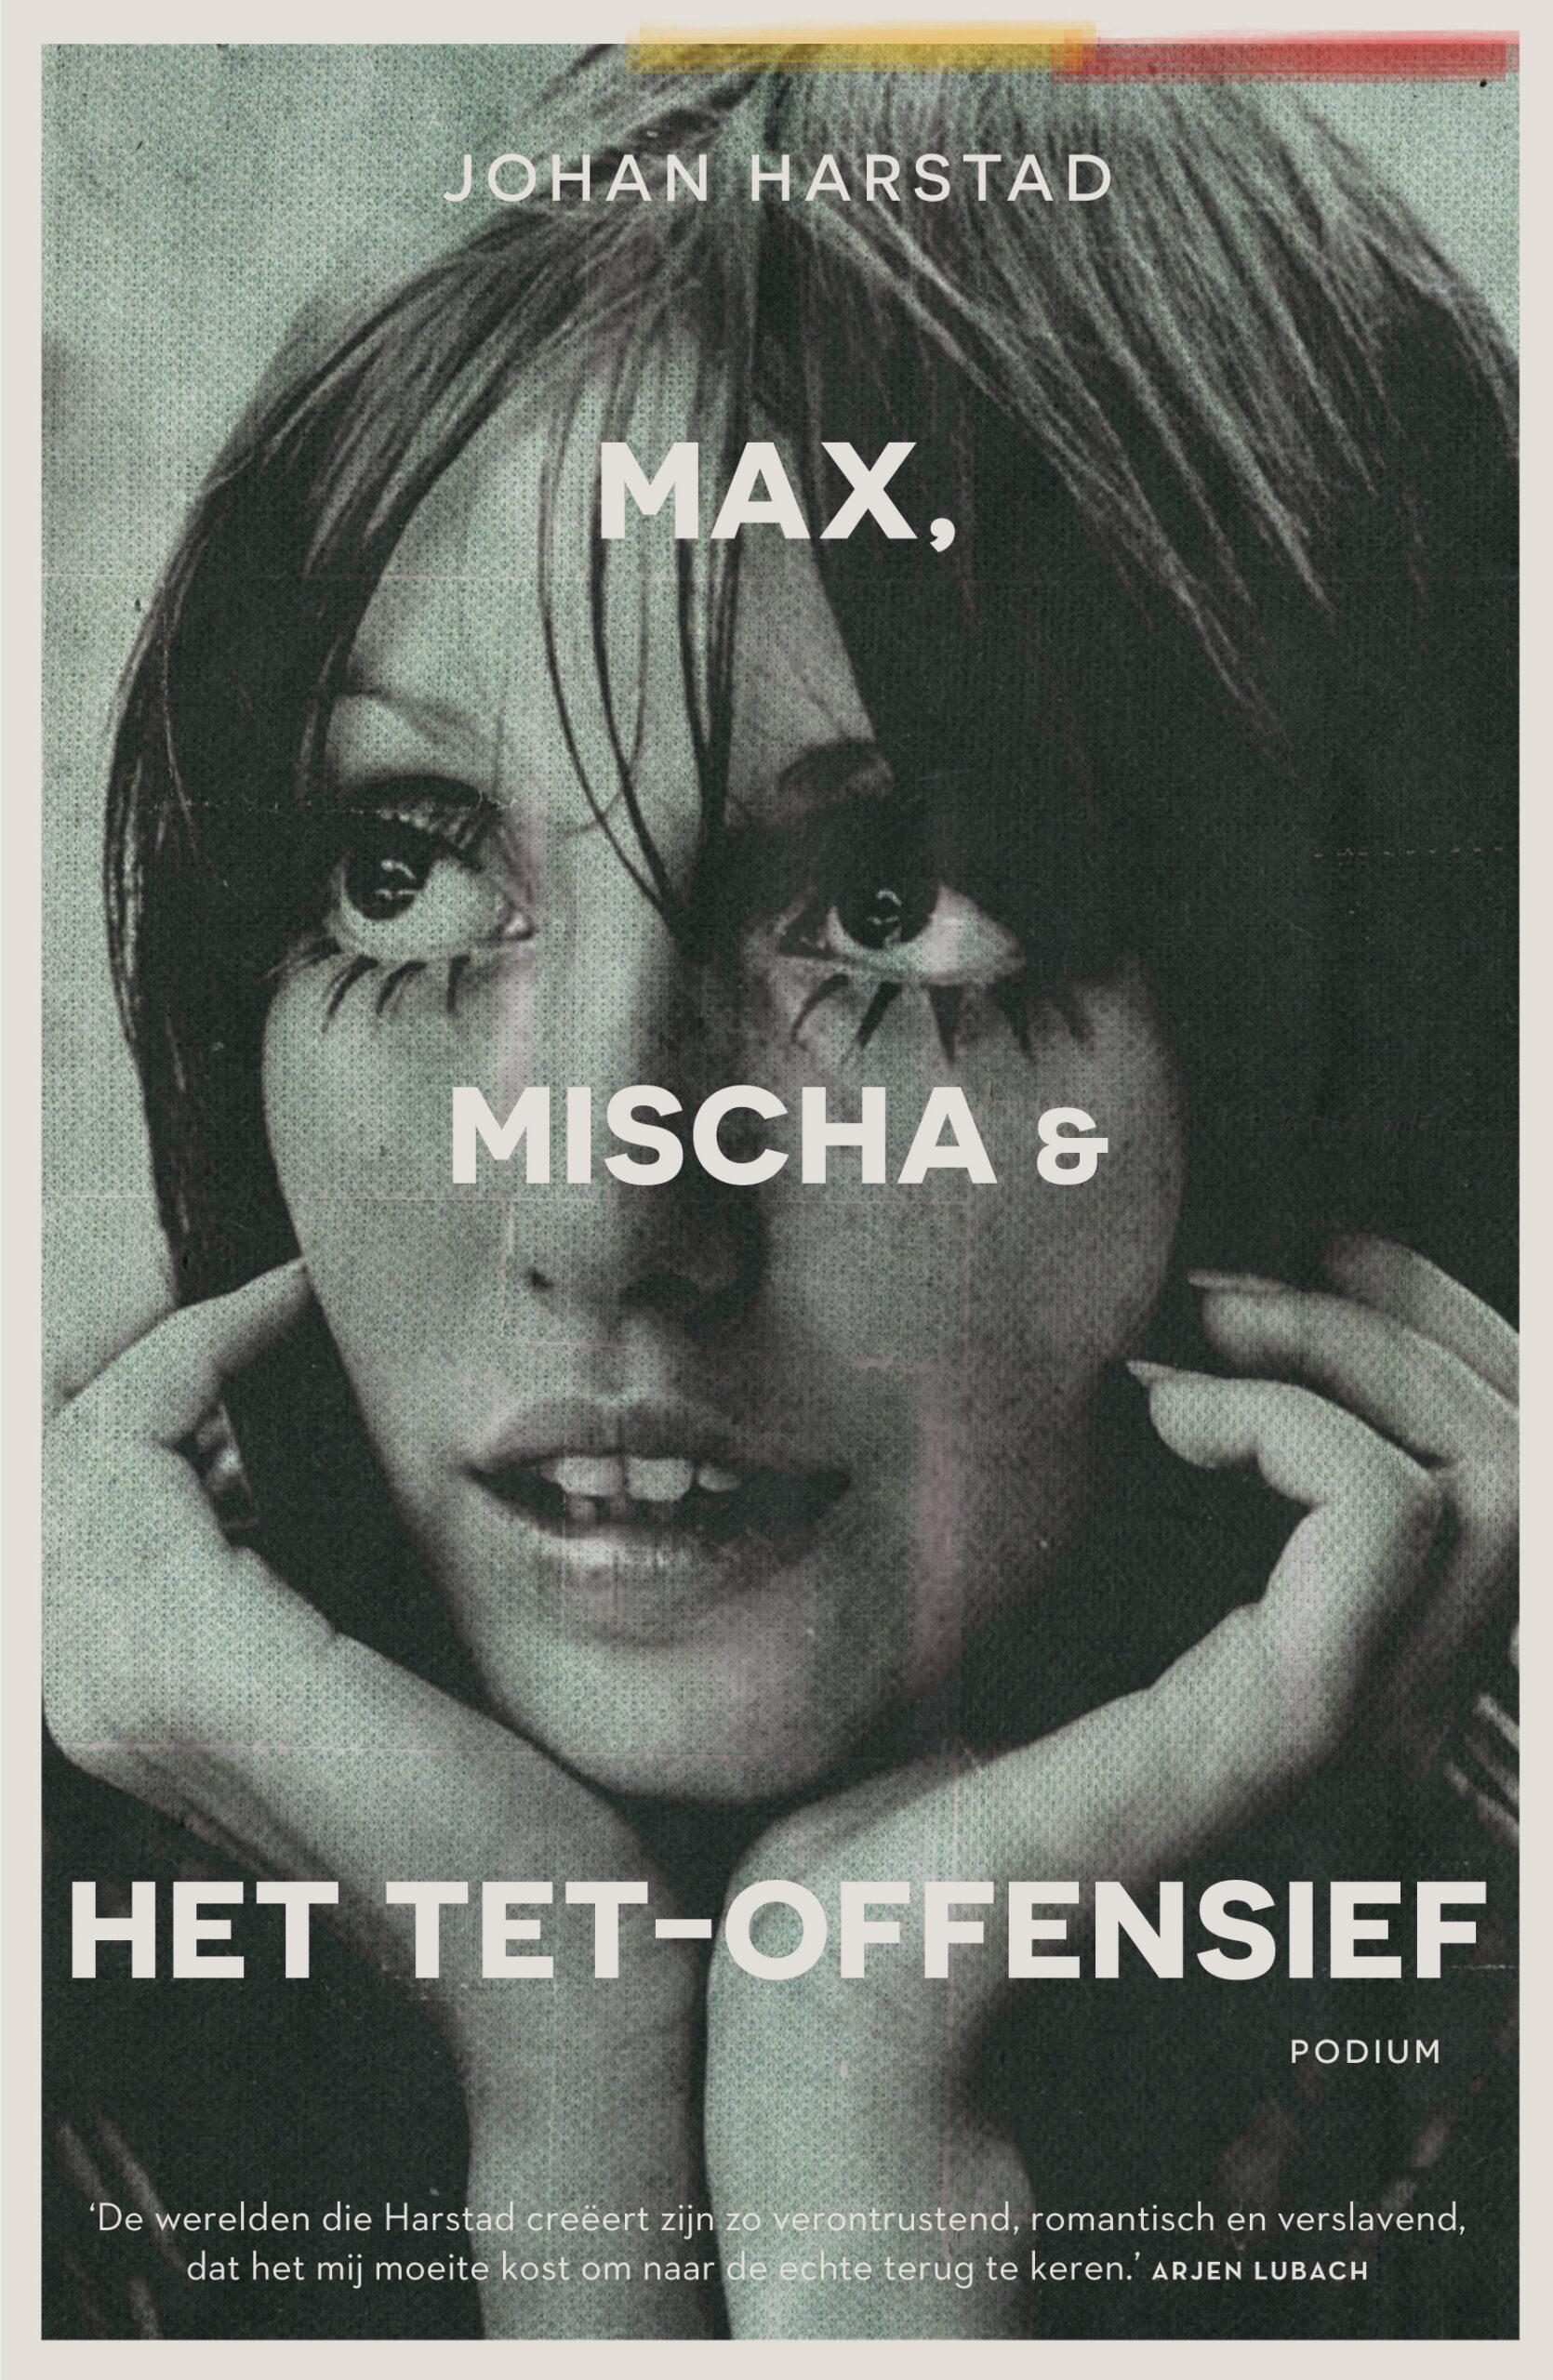 Max, Mischa & het TET-offensief - boekenflits.nl